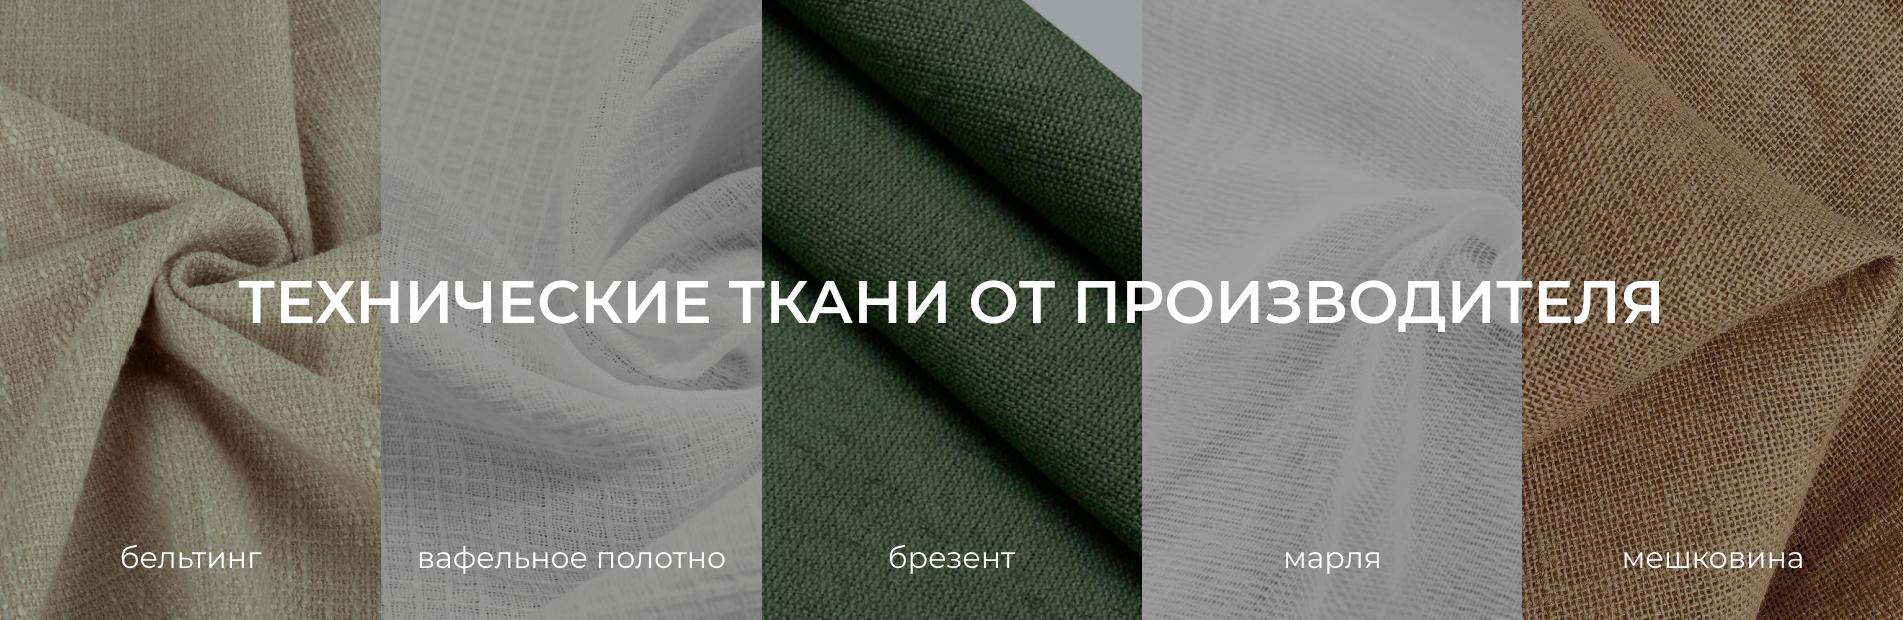 Технические ткани от производителя